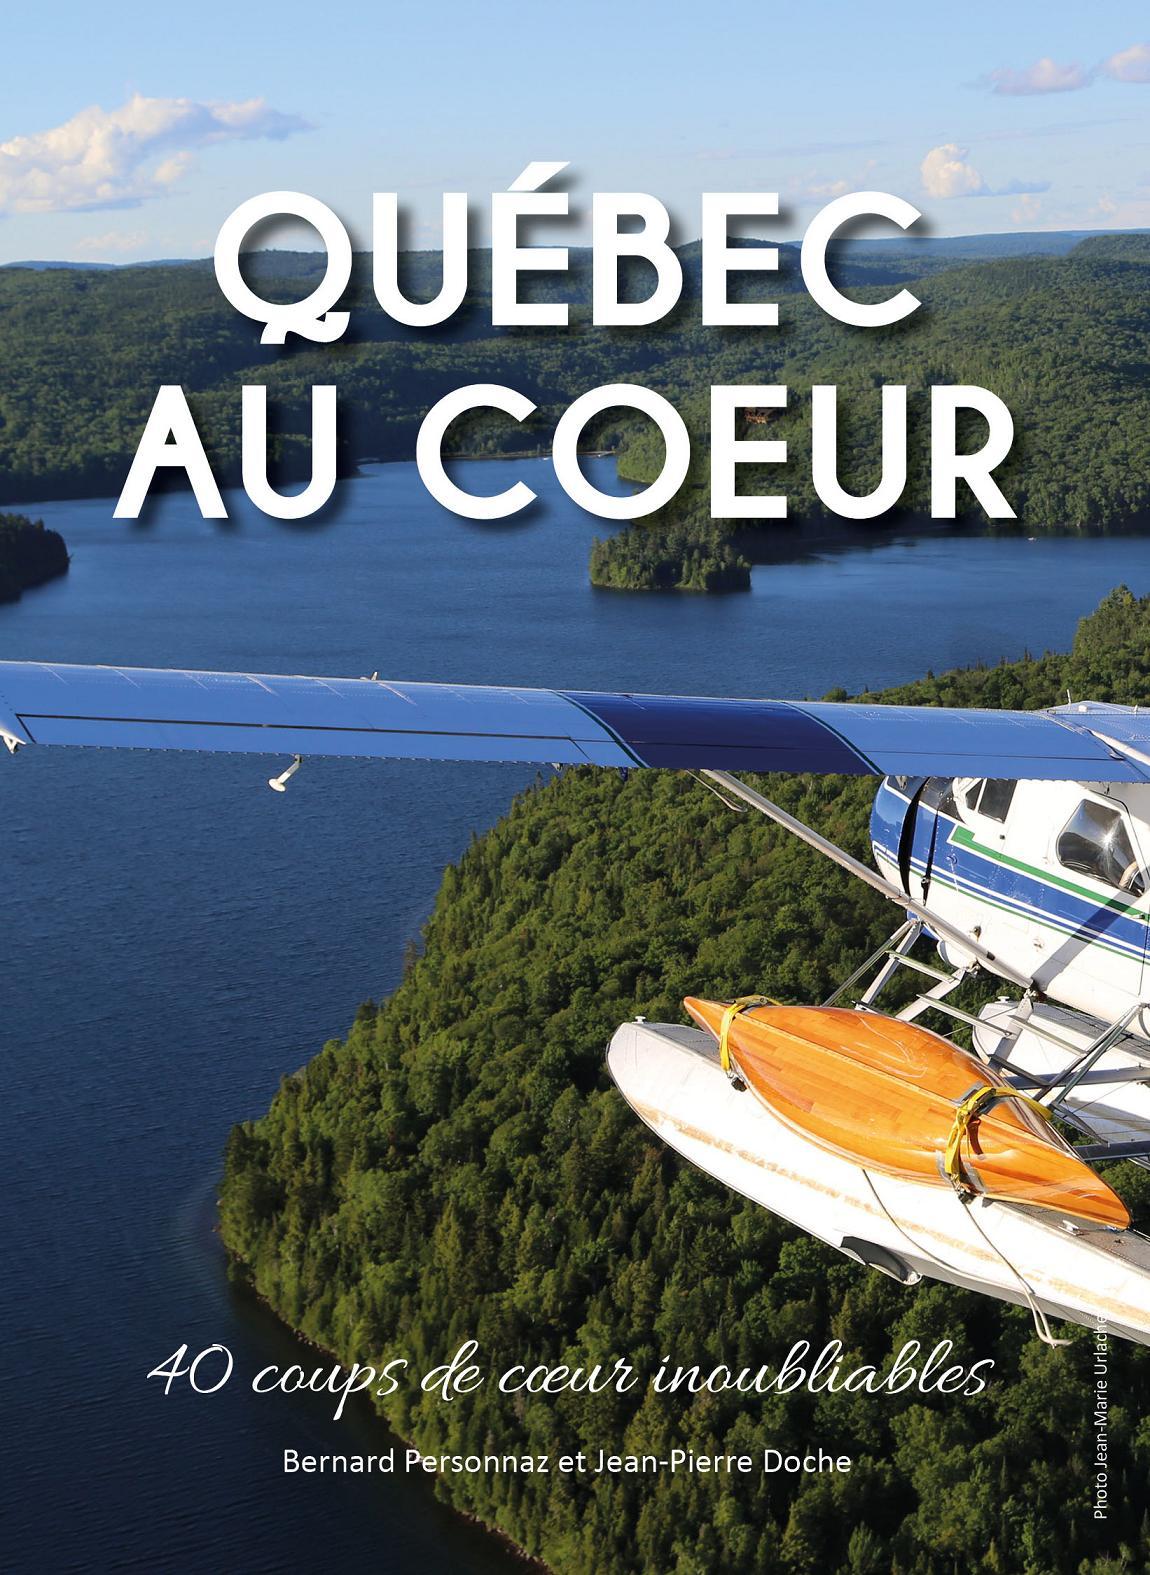 Livre « Québec au Cœur » : 40 portraits coup de cœur